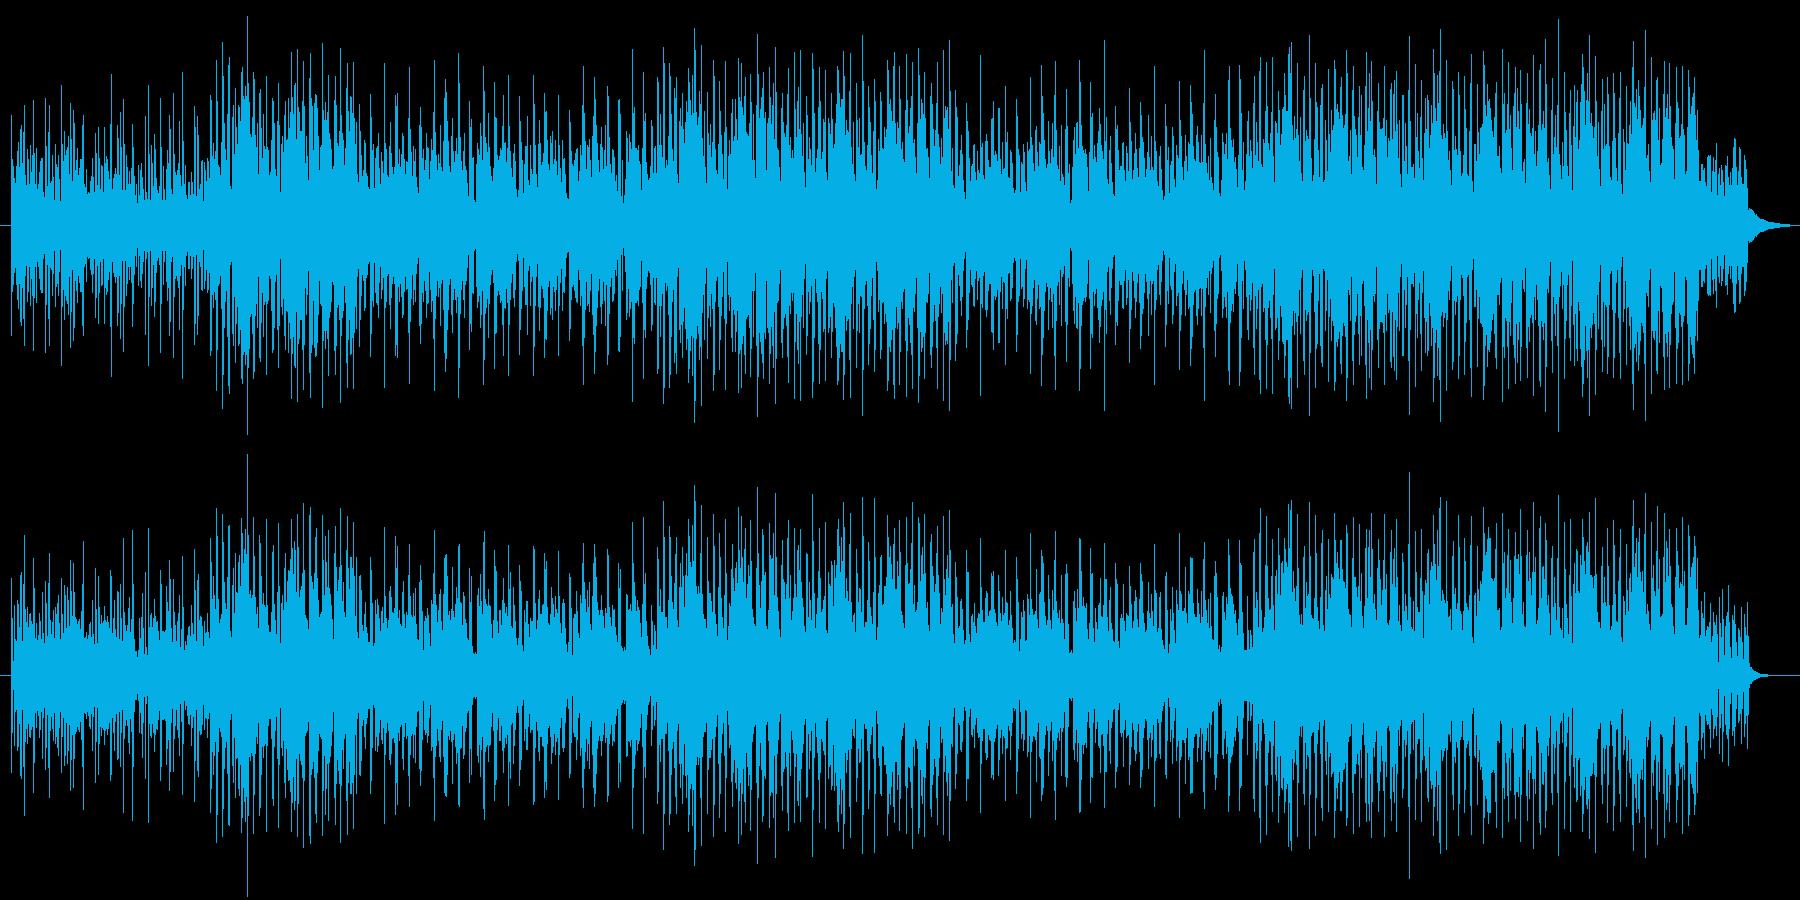 爽快なダンサンブルナンバーの再生済みの波形